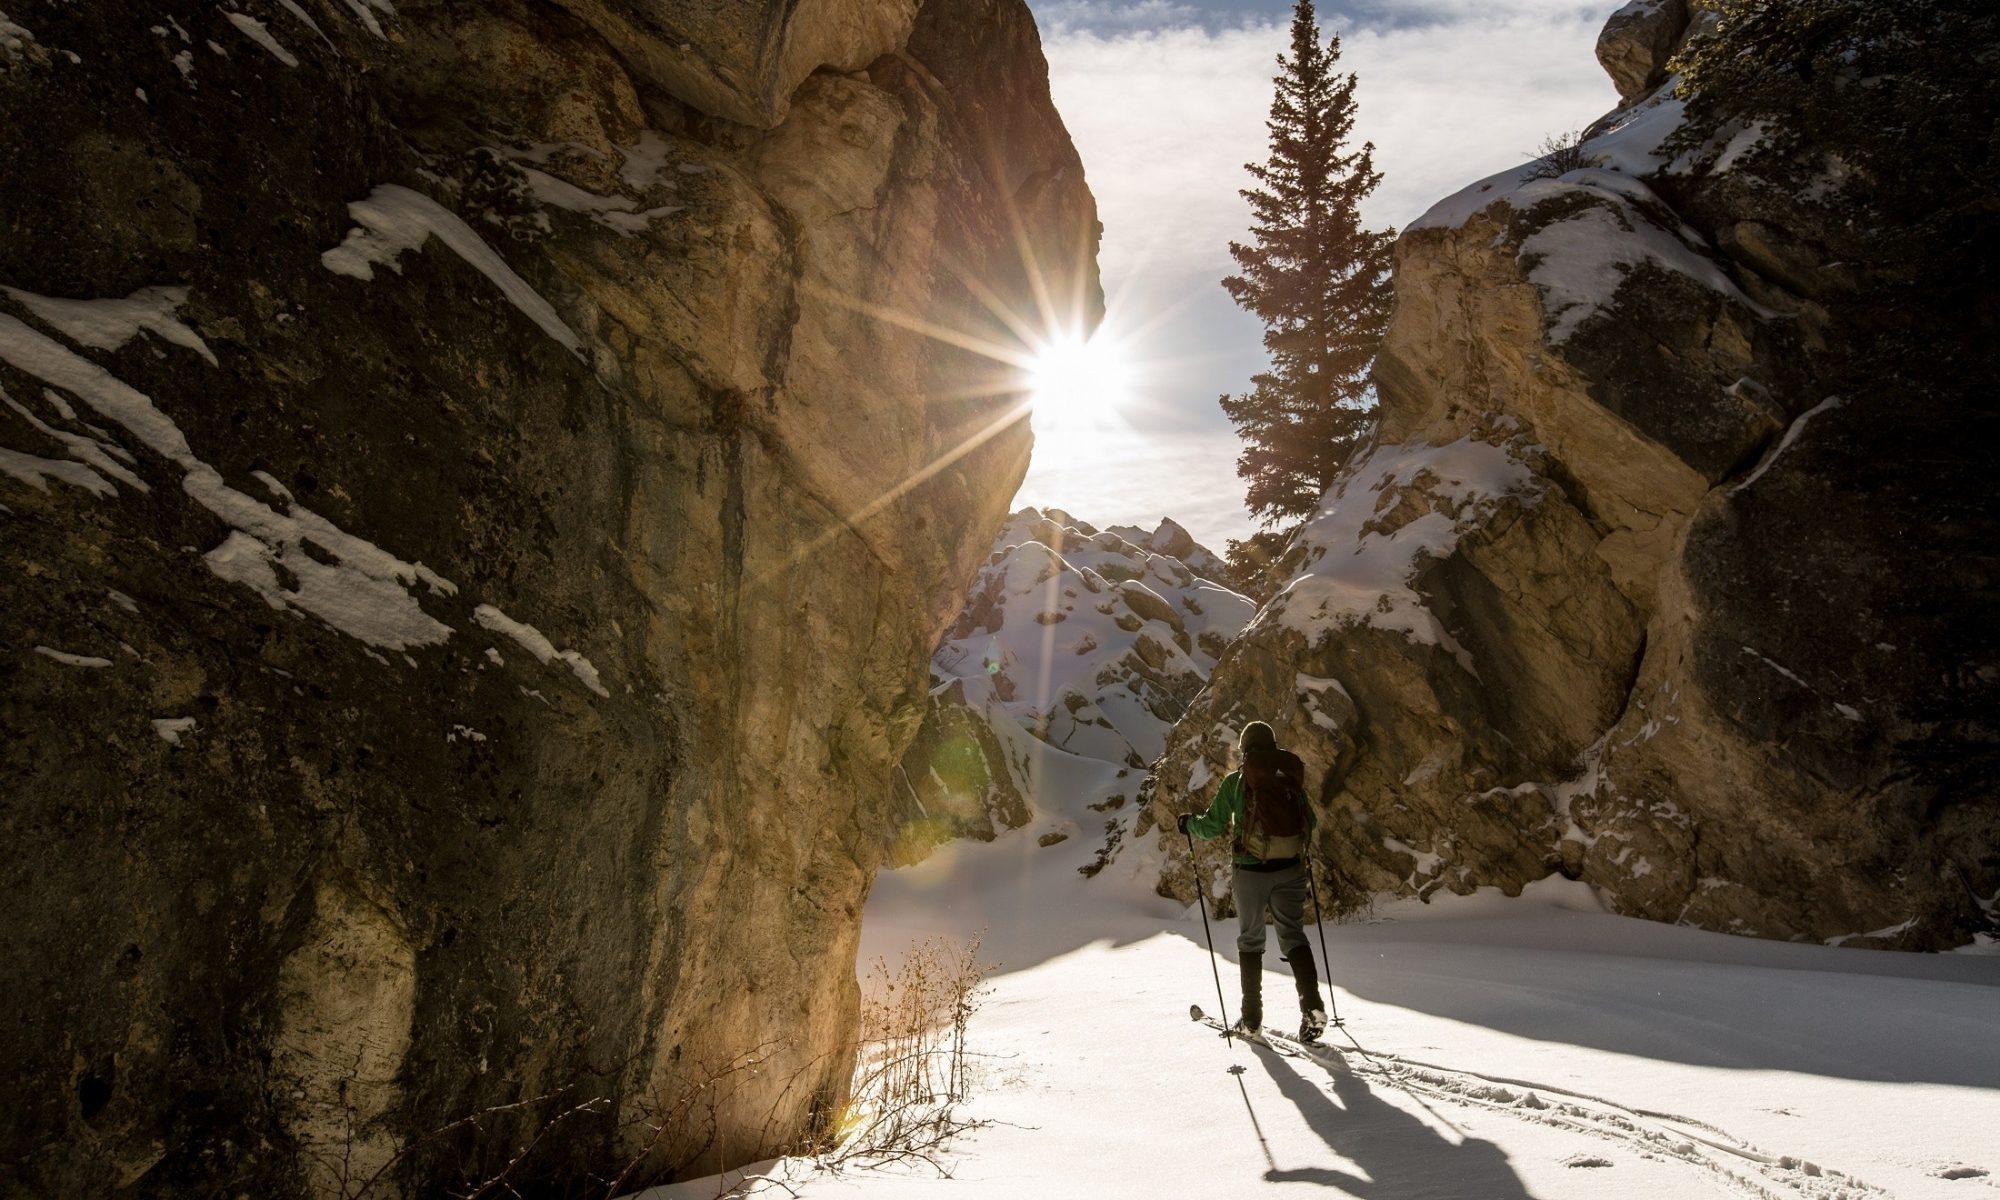 La mejor forma de divertirse en invierno entra y disfruta aragón de una manera muy divertida